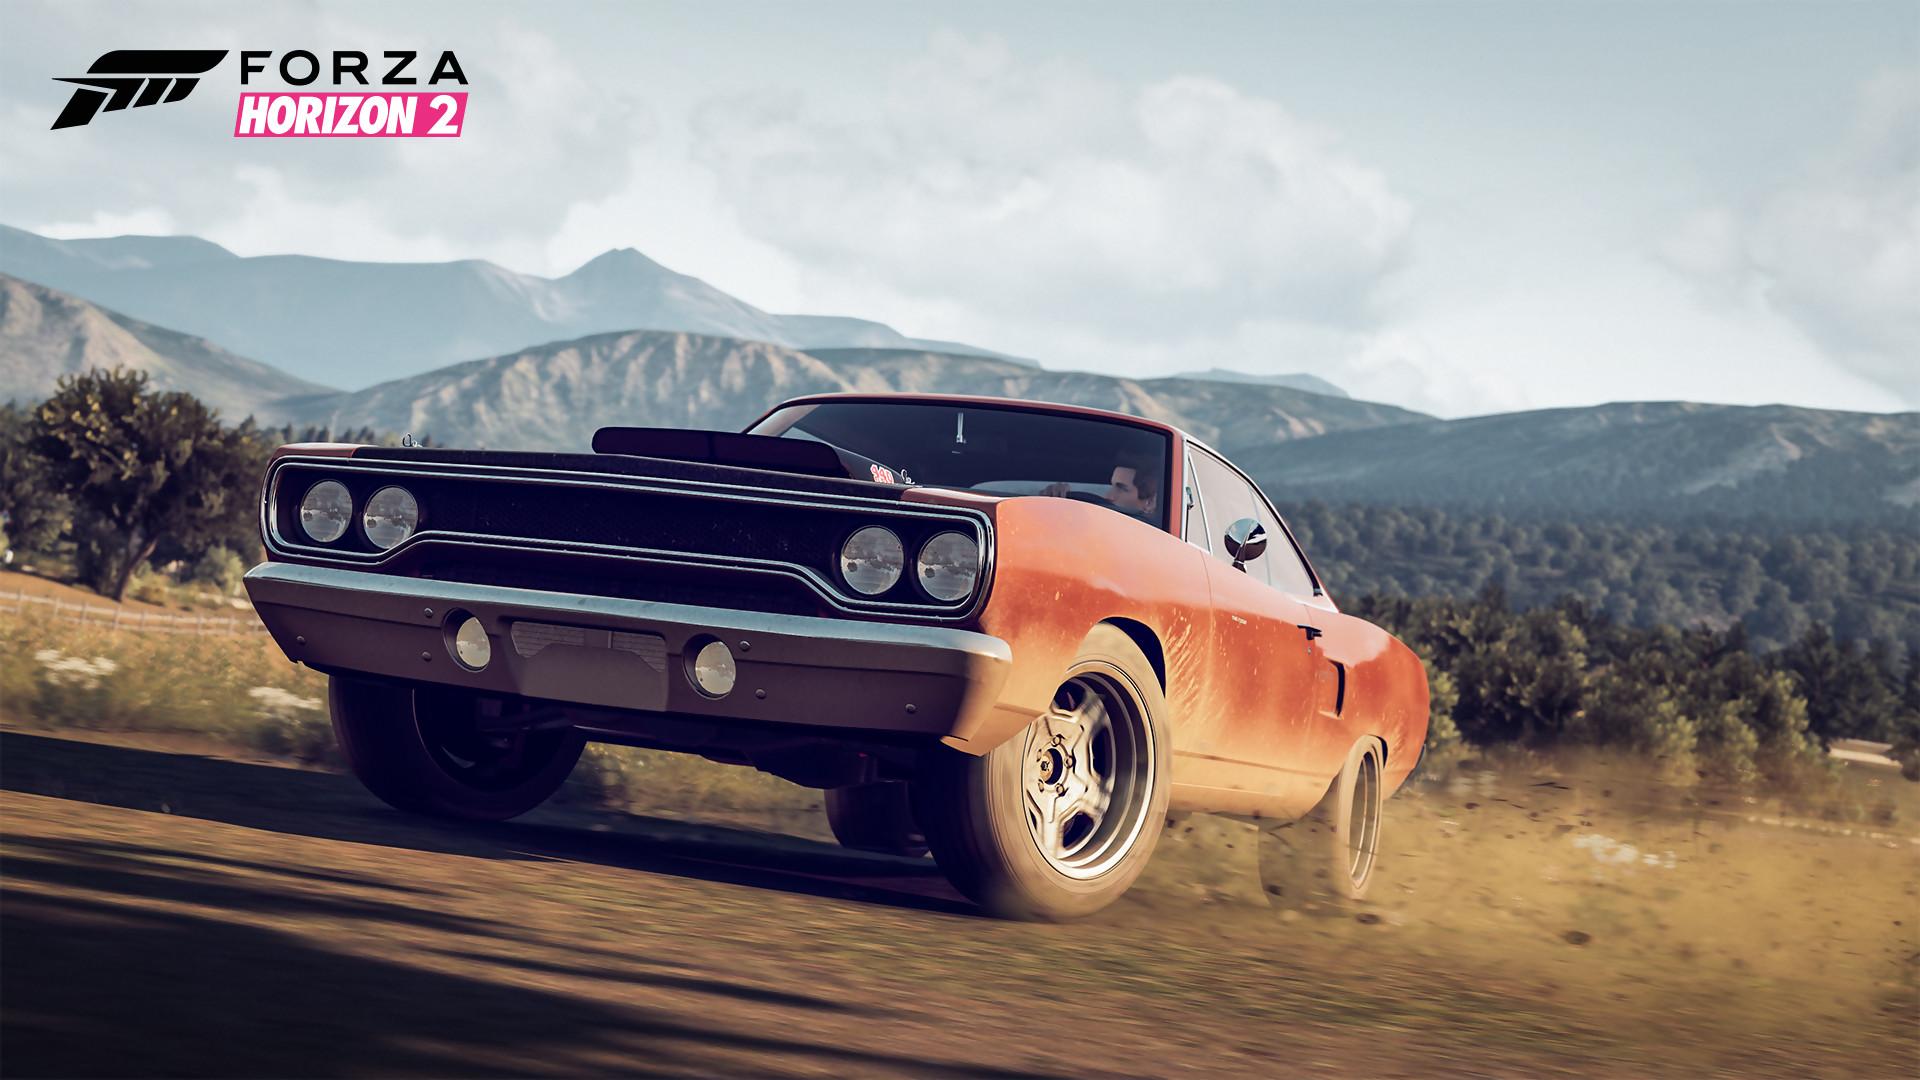 Forza Horizon 2 Trailer Du Nouveau Pack Fast Amp Furious 7